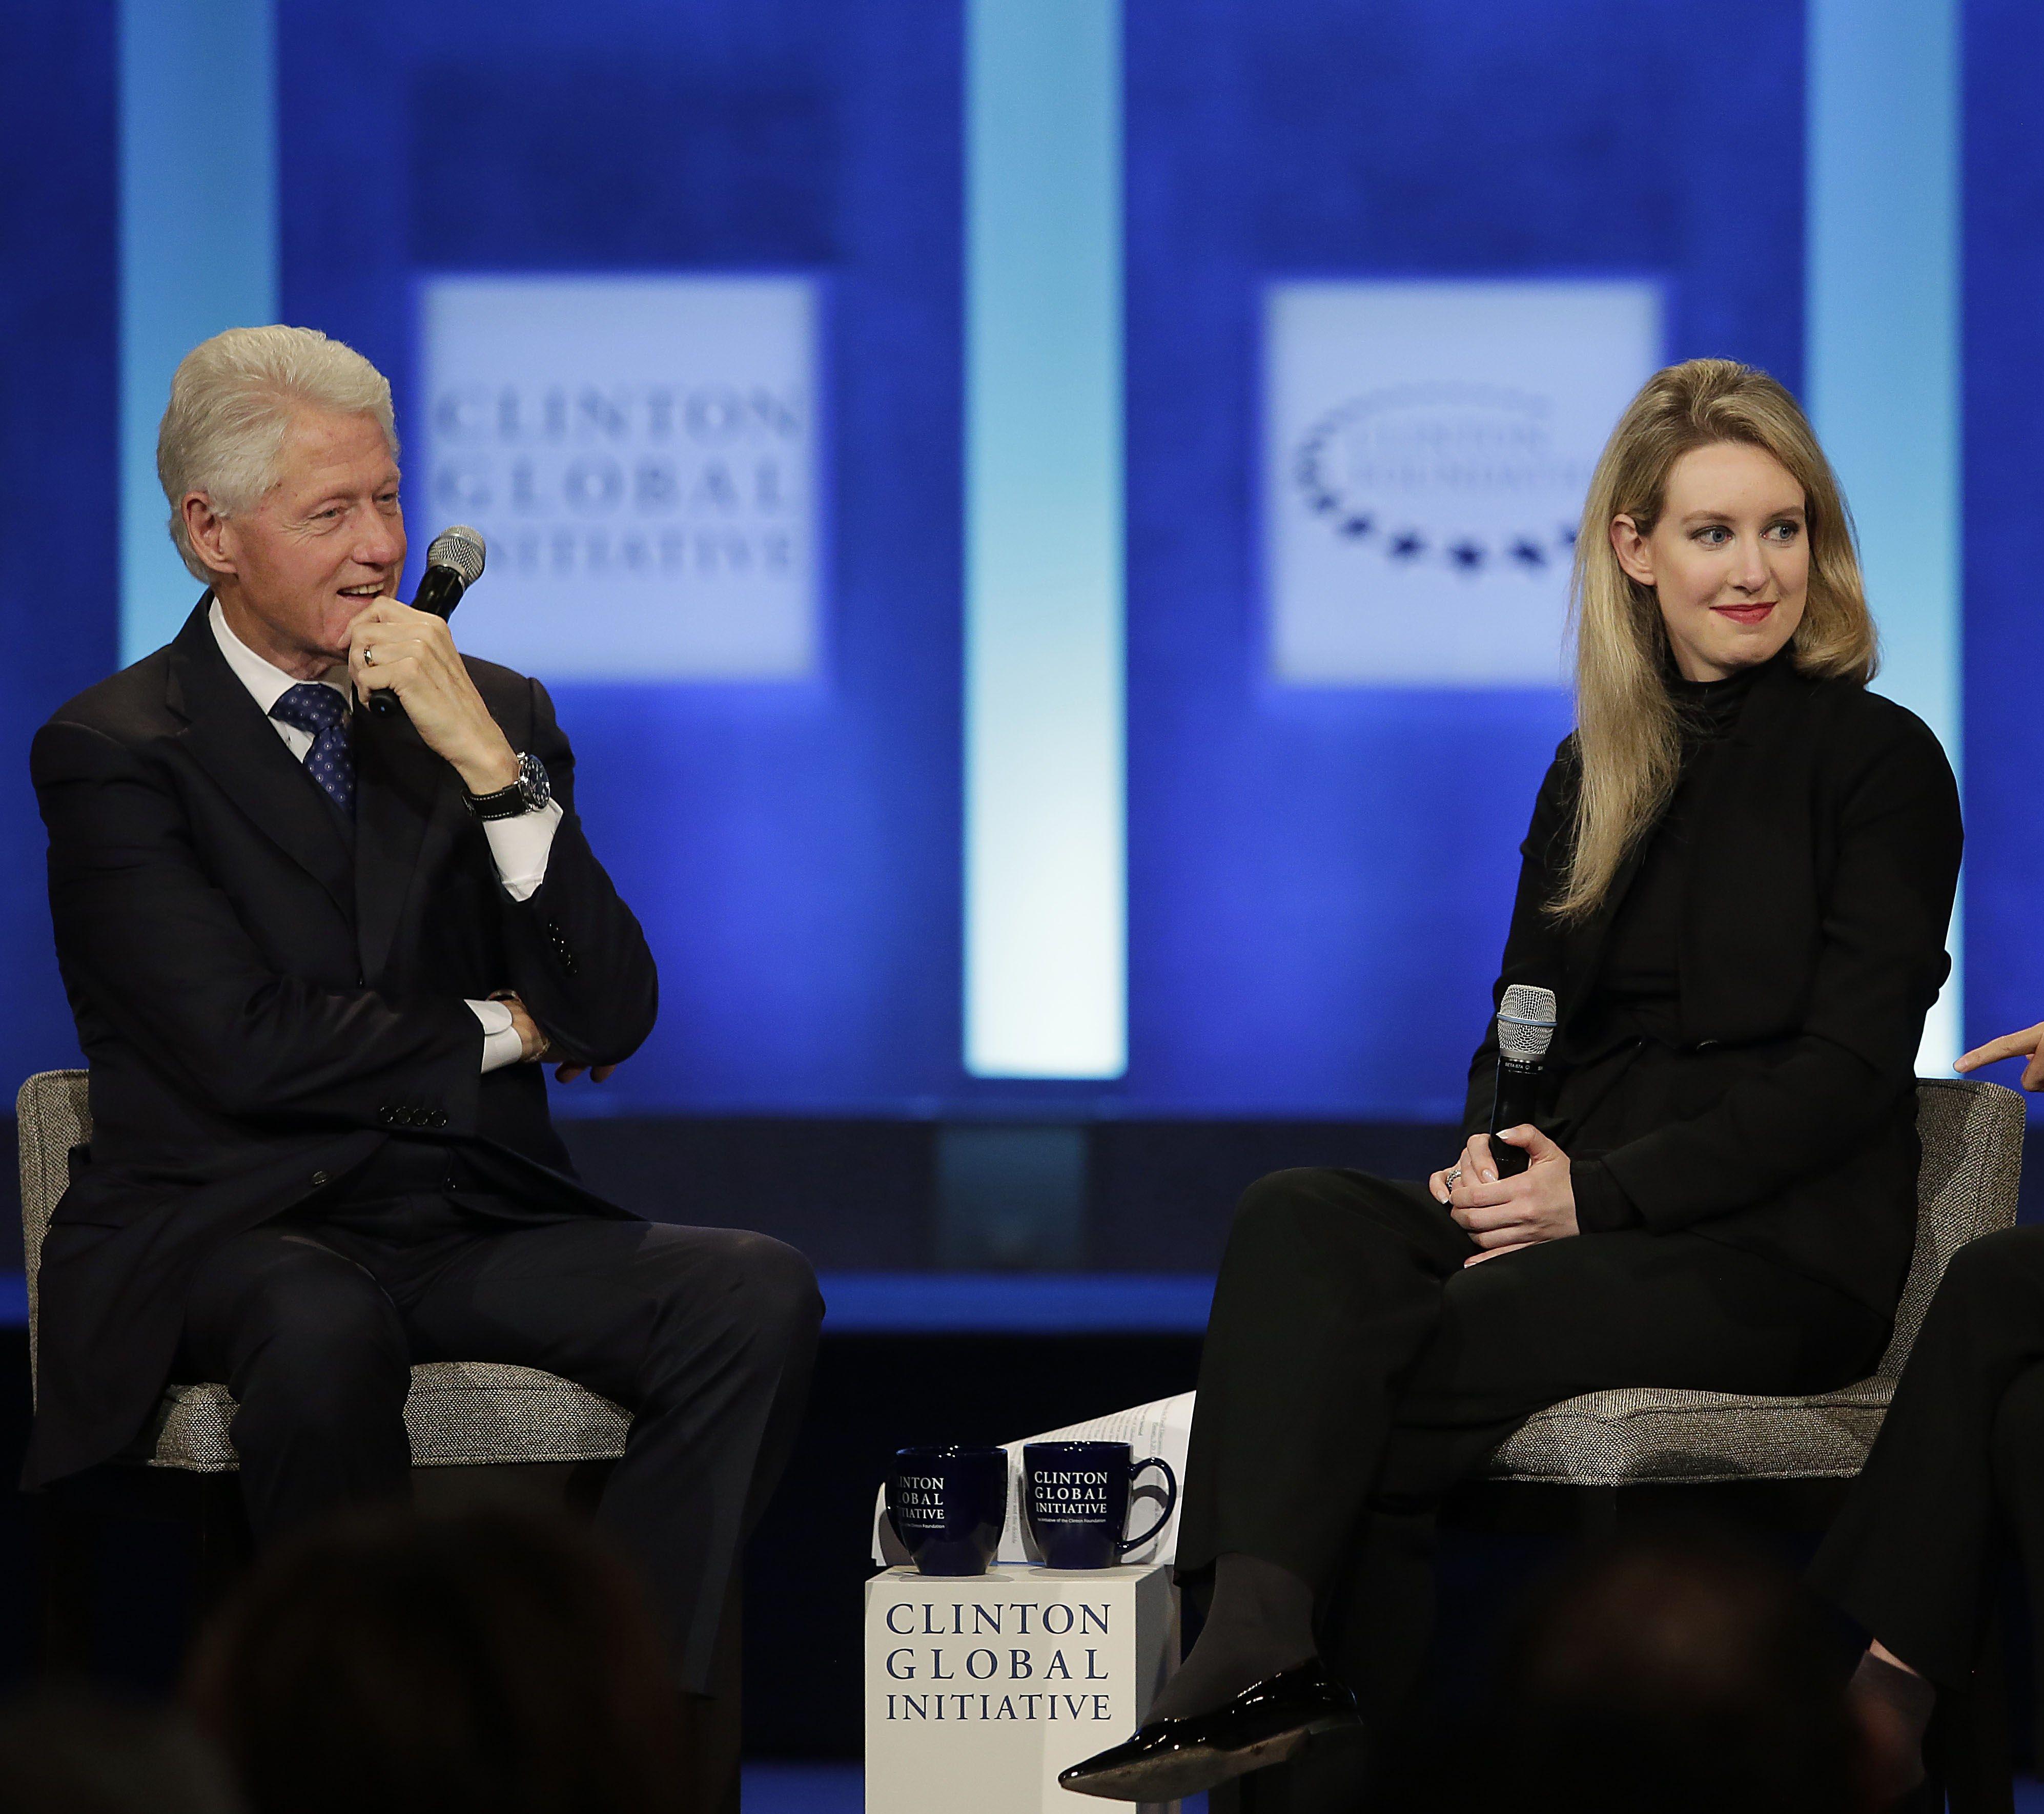 Elizabeth Holmes with Bill Clinton in 2015.